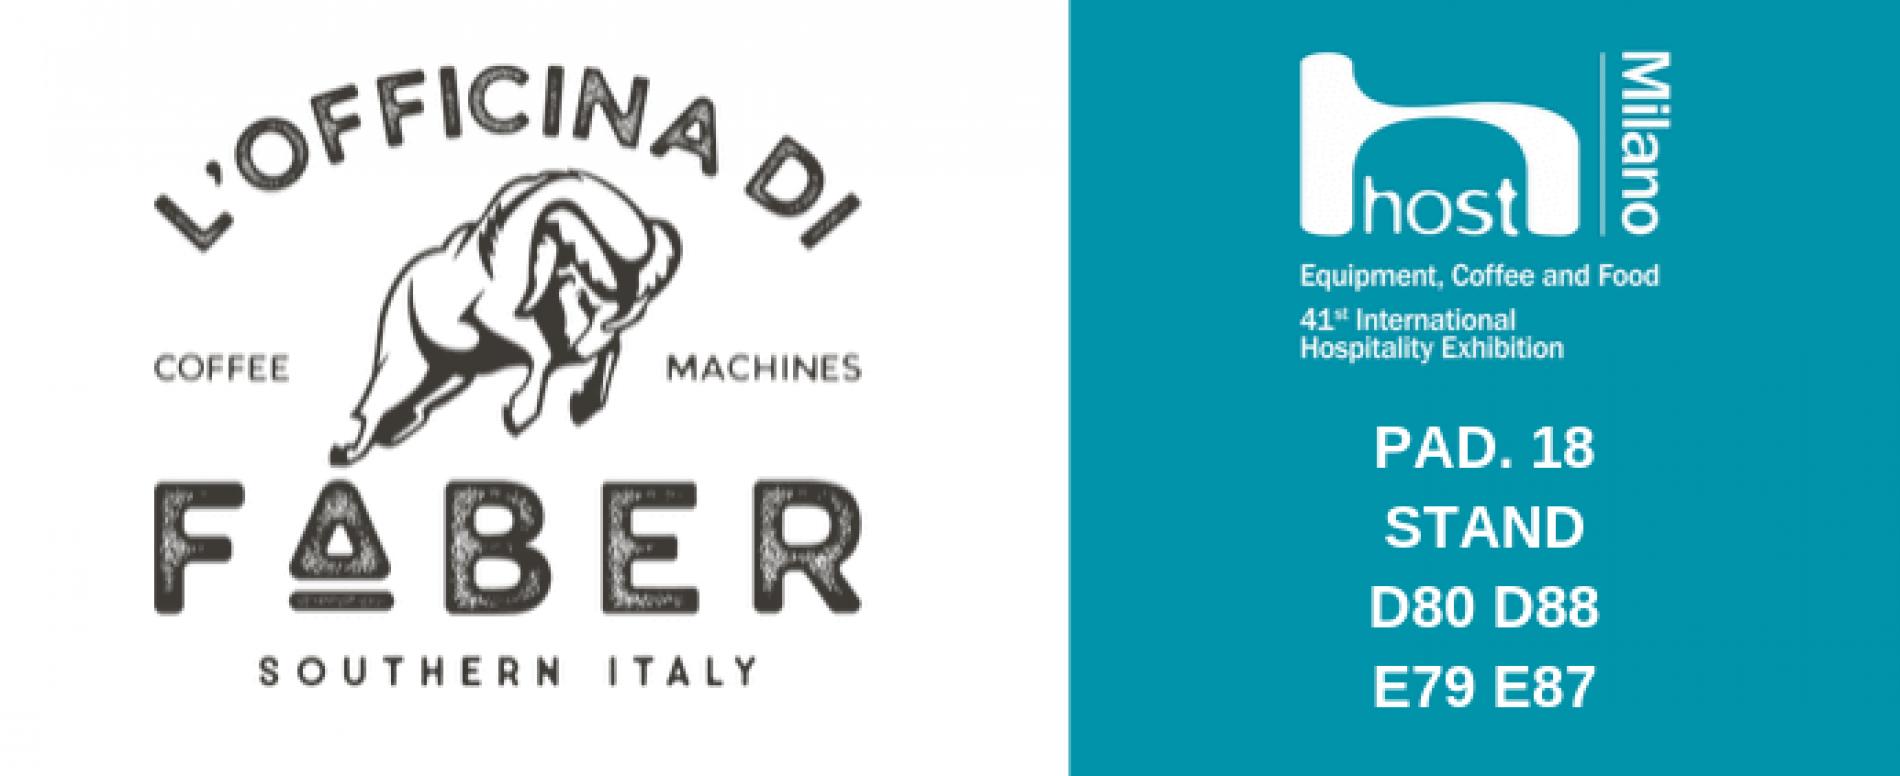 A HOST la Rivoluzione Industriale 4.0 di FABER Italia